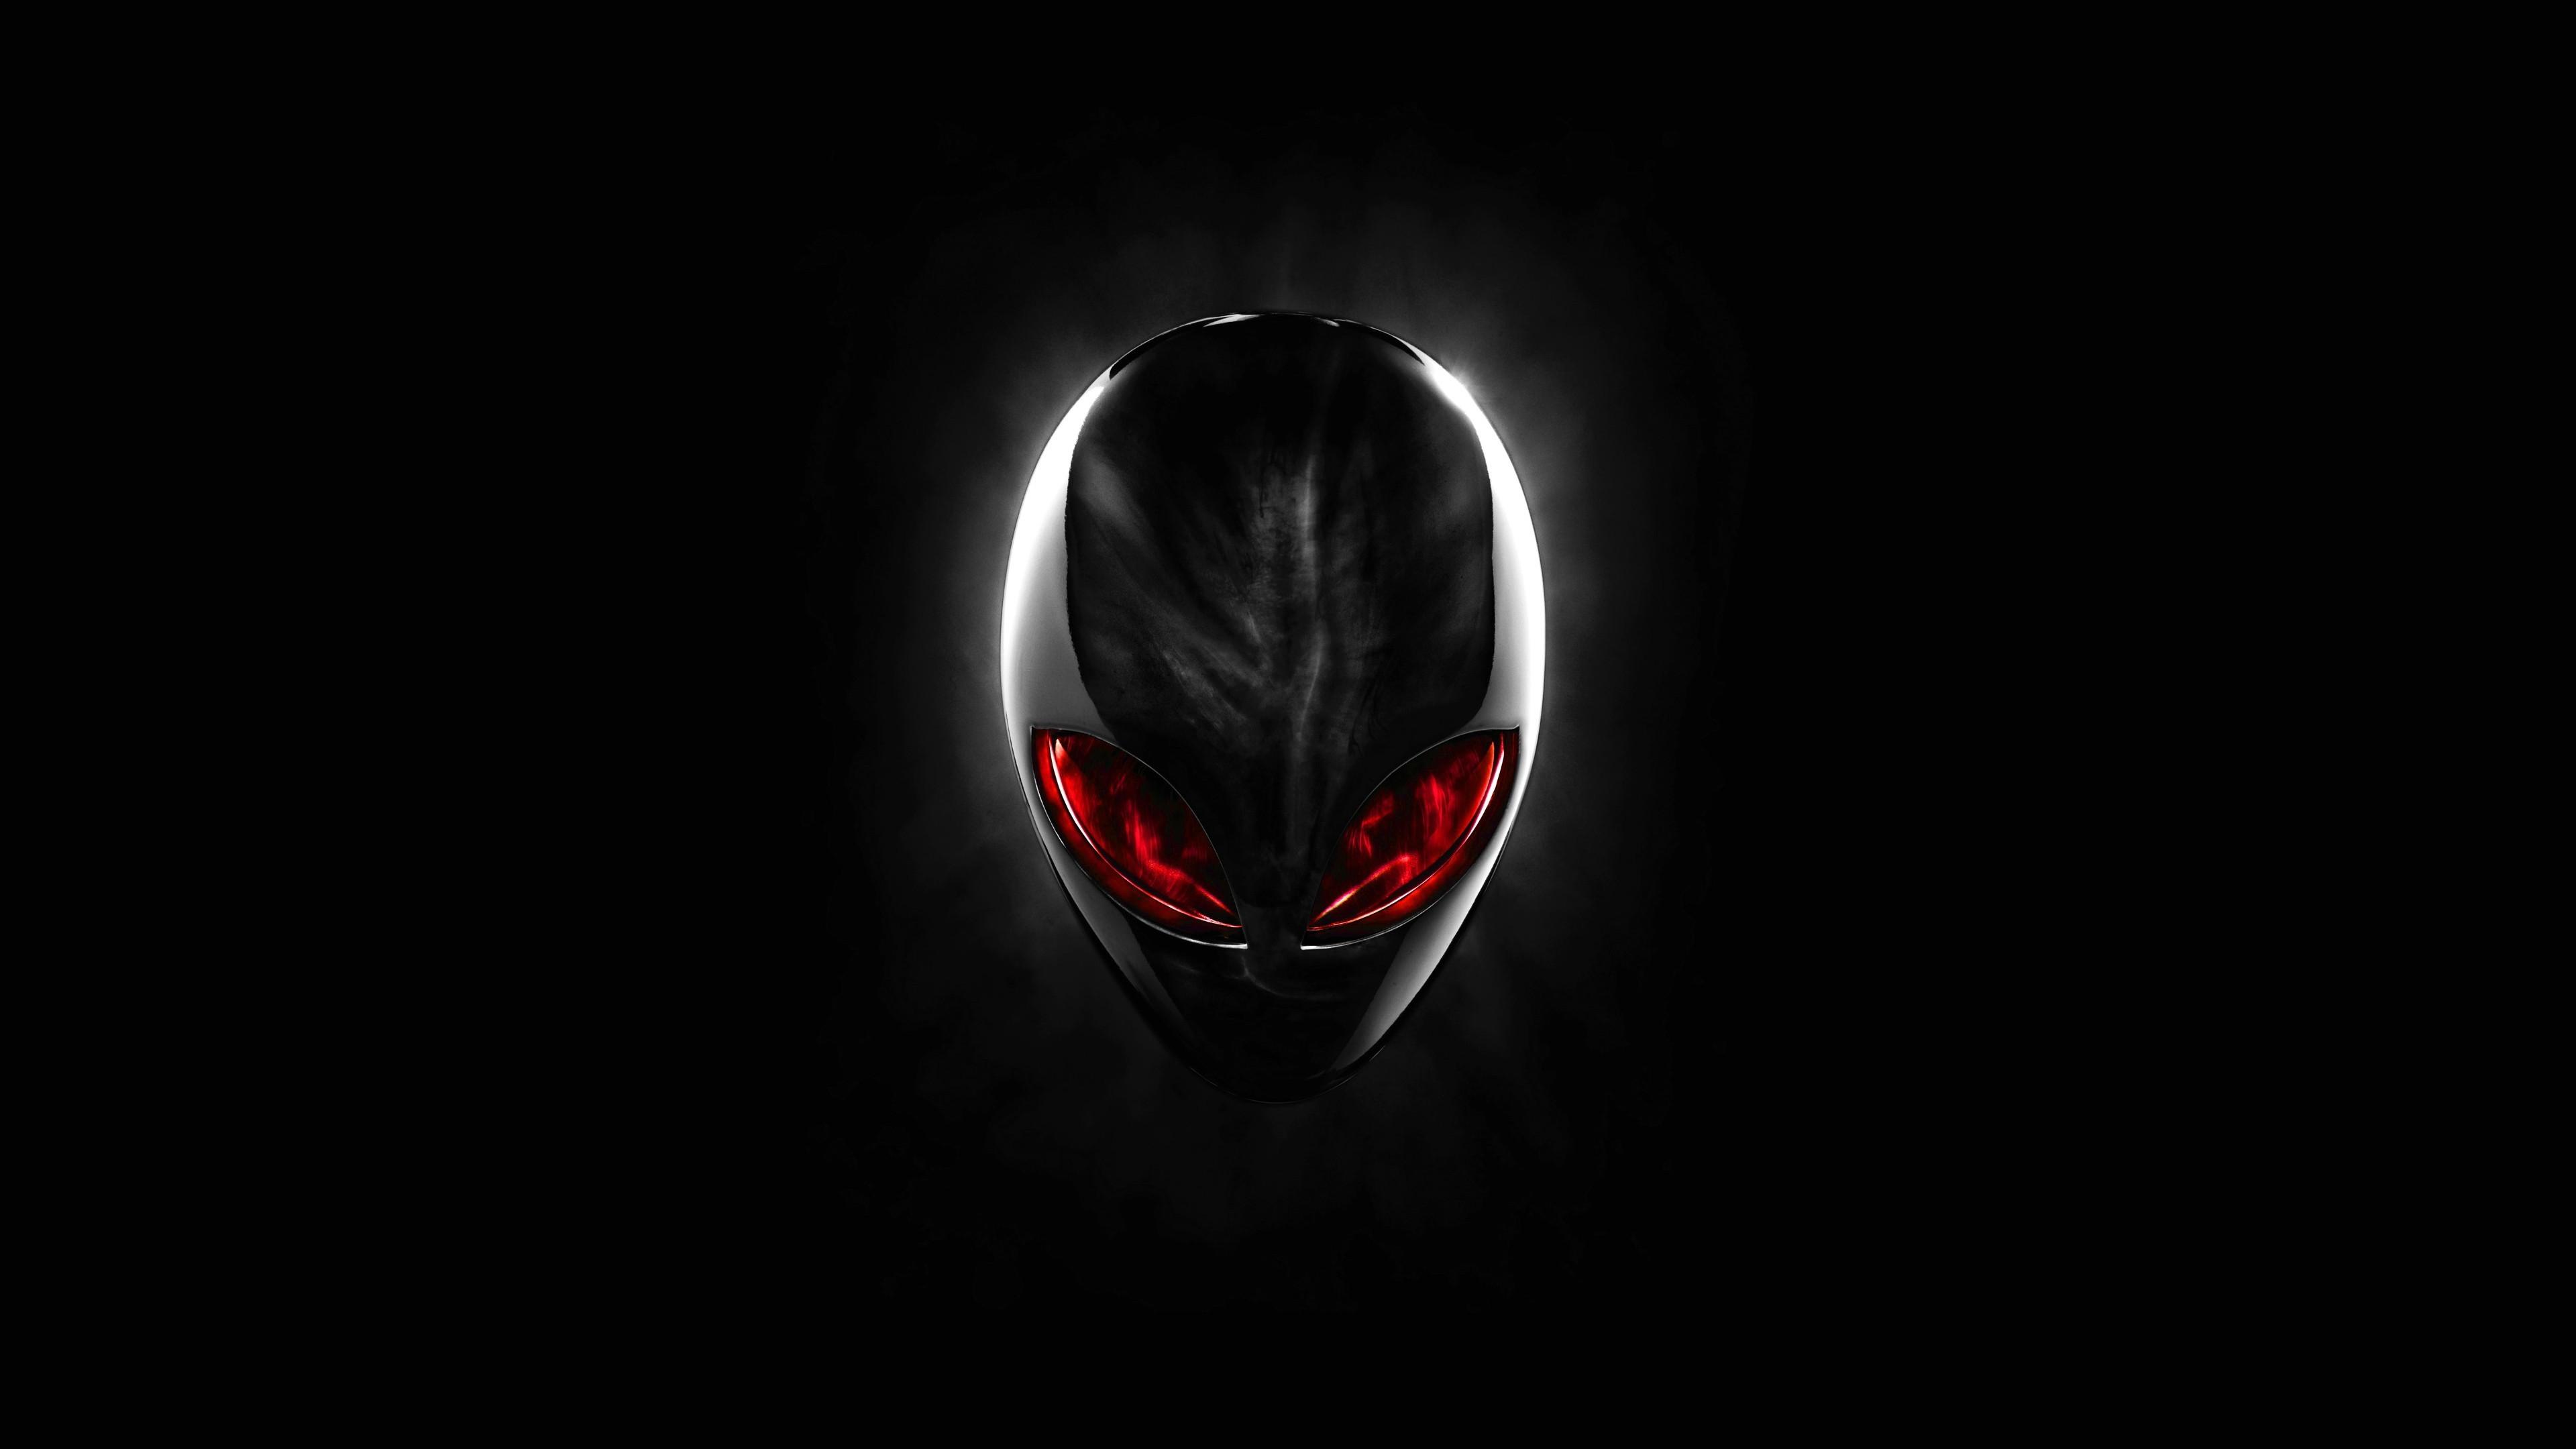 4K Alienware Wallpaper (72+ images)